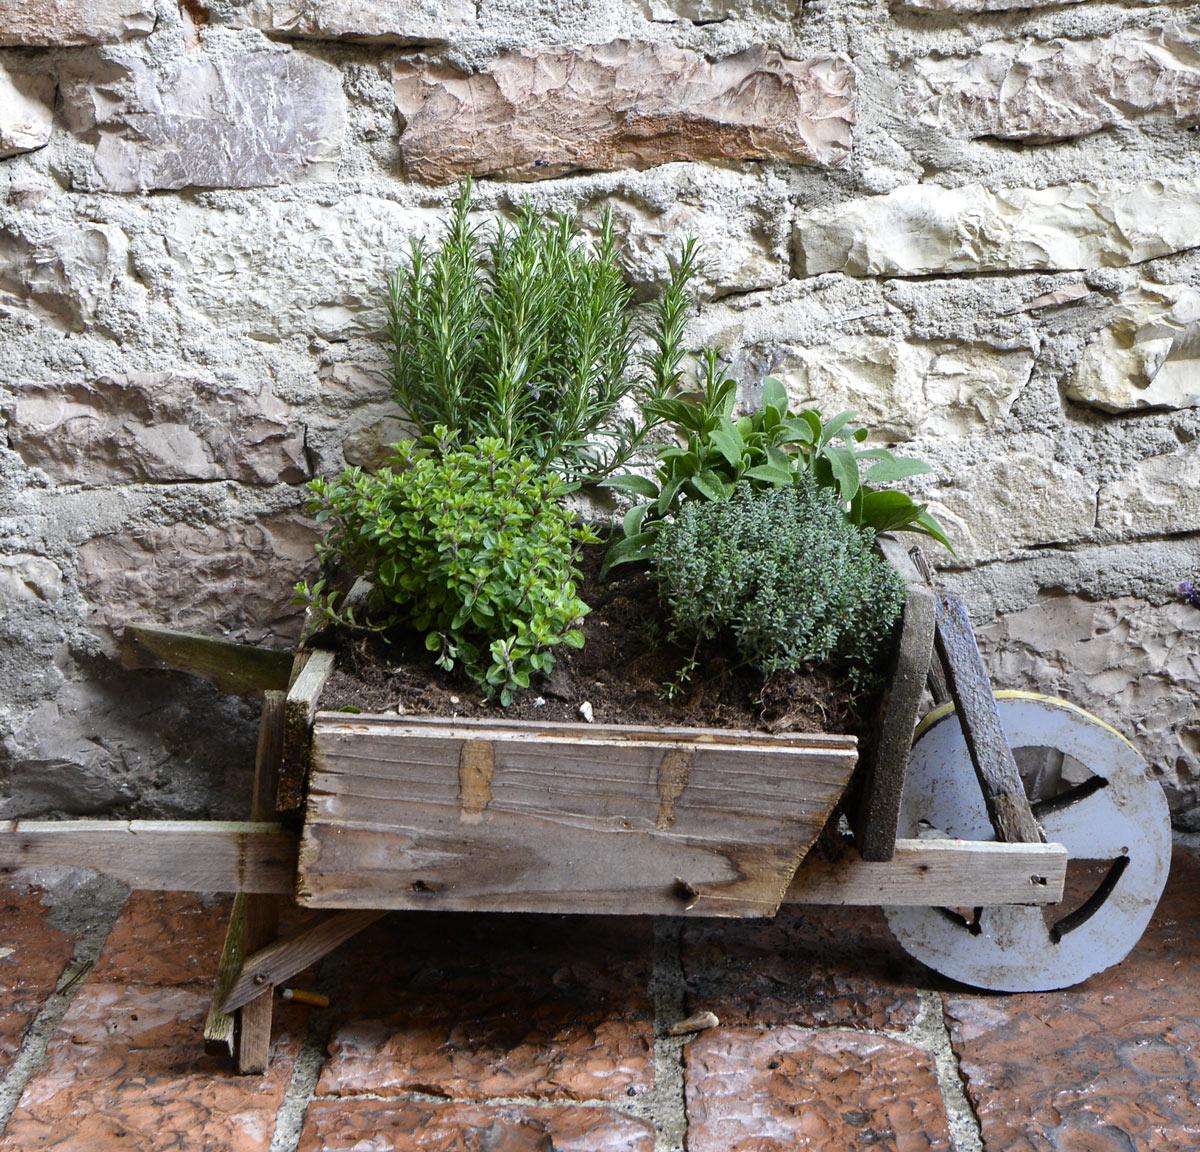 Piantine aromatiche in una piccola carriola di legno.